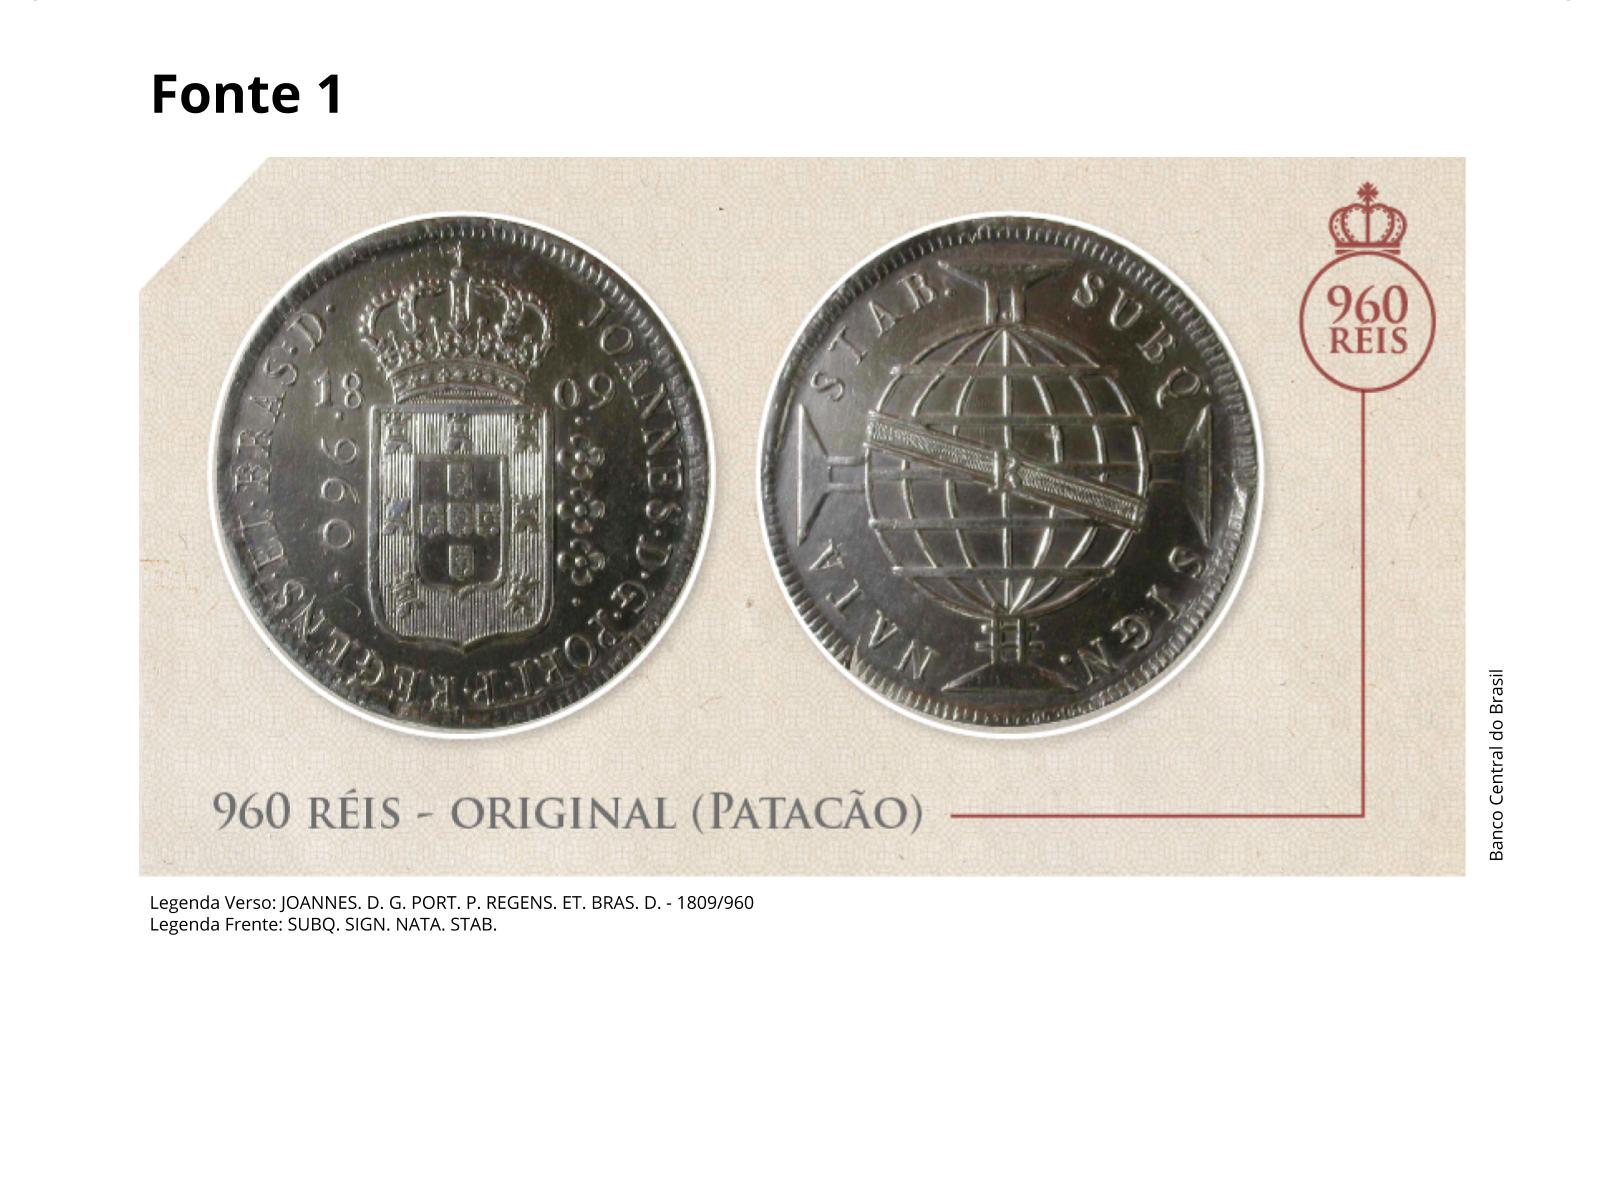 Lógicas e práticas econômicas e comerciais no mundo Atlântico entre os períodos feudal e mercantil